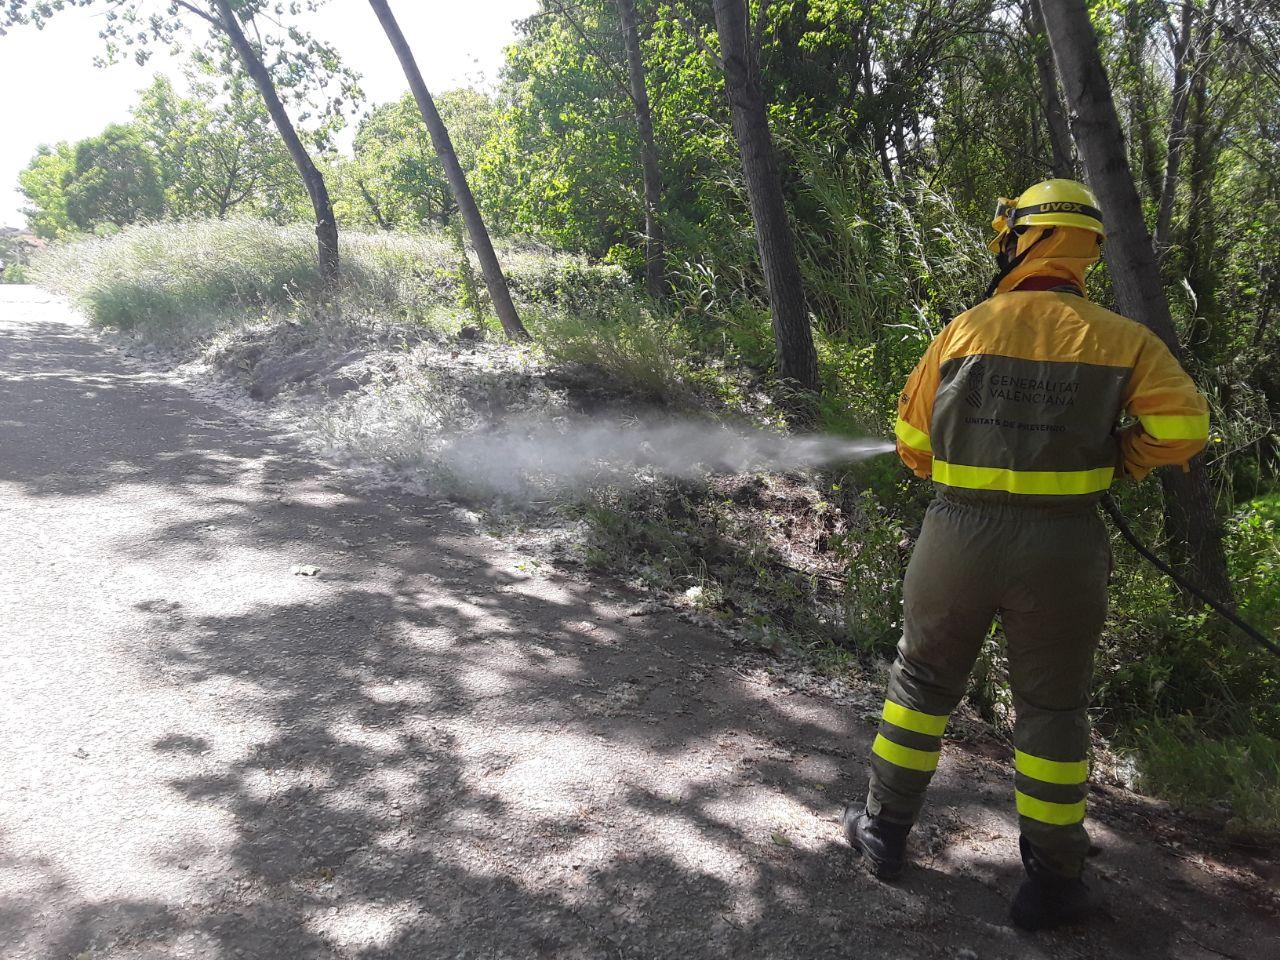 La Conselleria de Emergencia Climática refuerza los trabajos de prevención de incendios forestales ante el inicio del verano